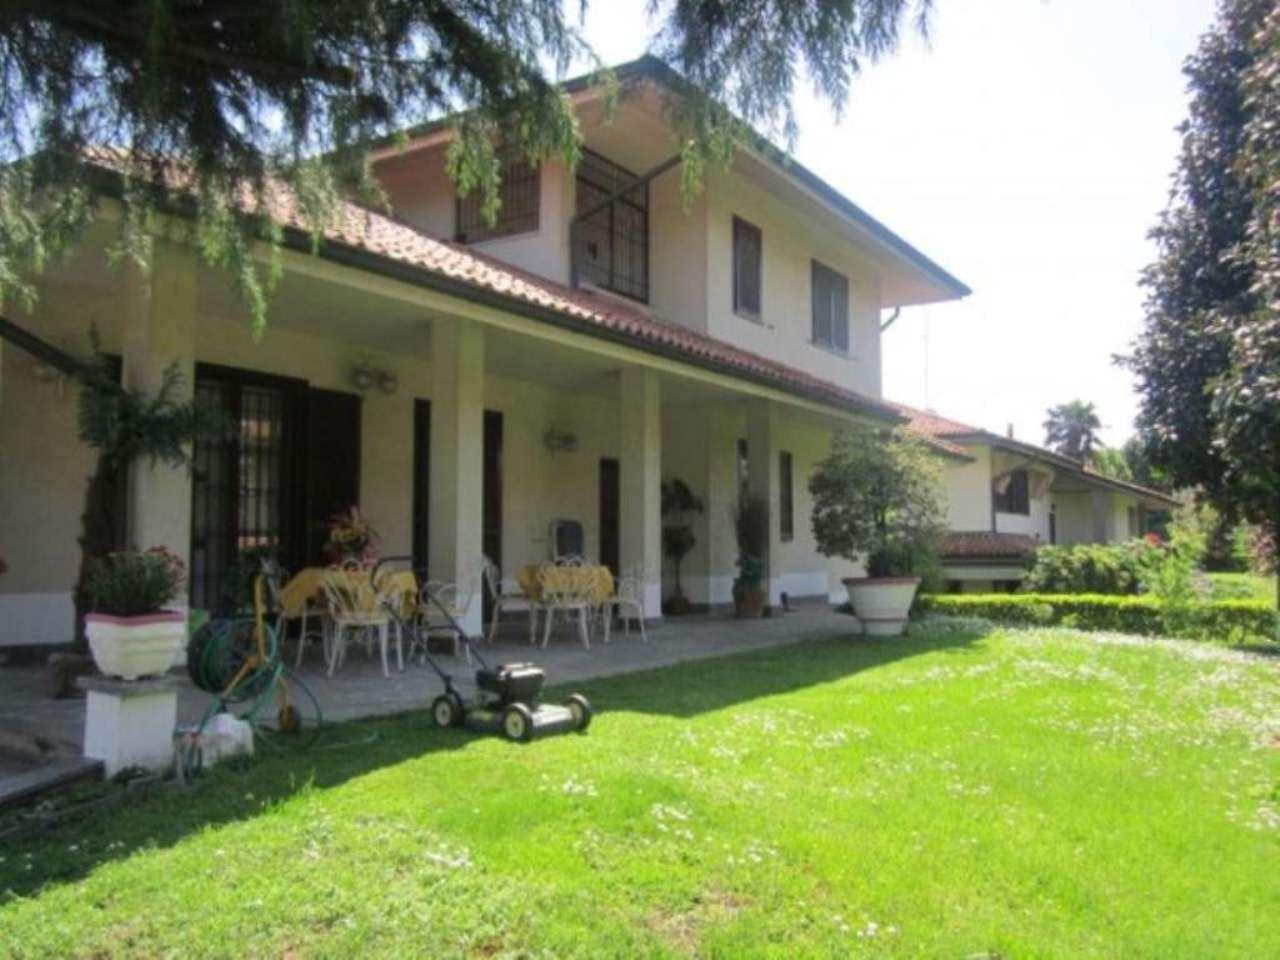 Villa in vendita a Peschiera Borromeo, 5 locali, prezzo € 700.000 | CambioCasa.it